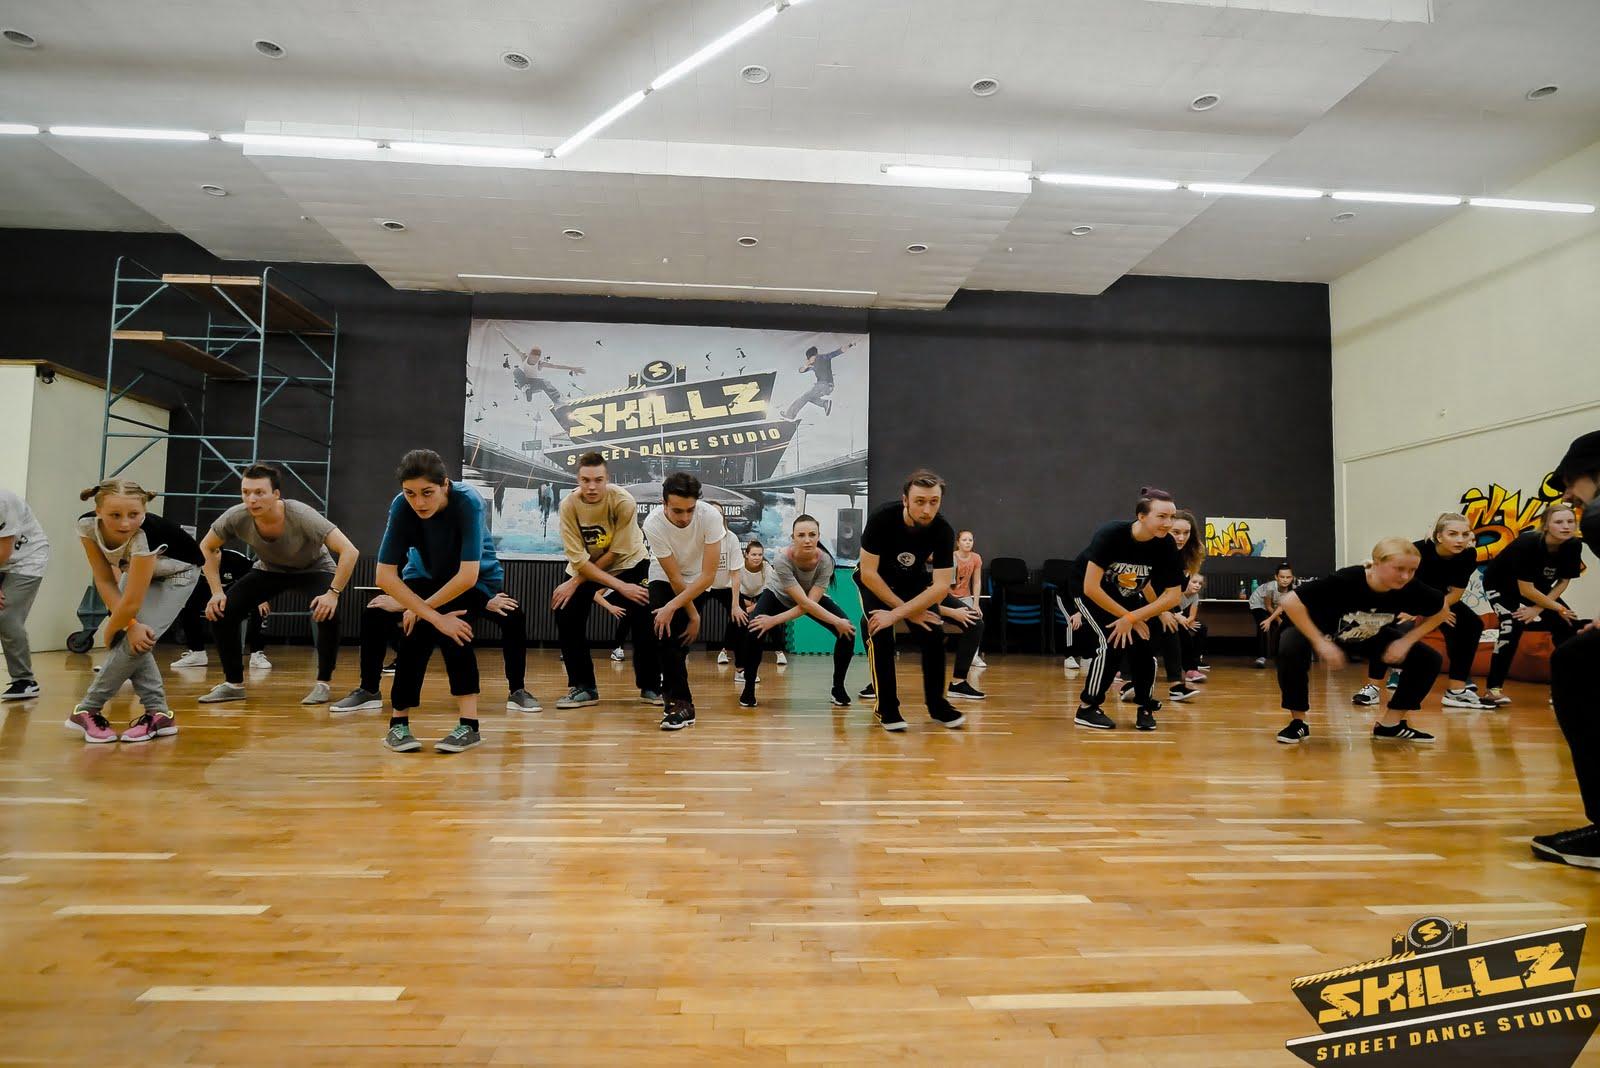 Hip hop seminaras su Jeka iš Maskvos - _1050223.jpg